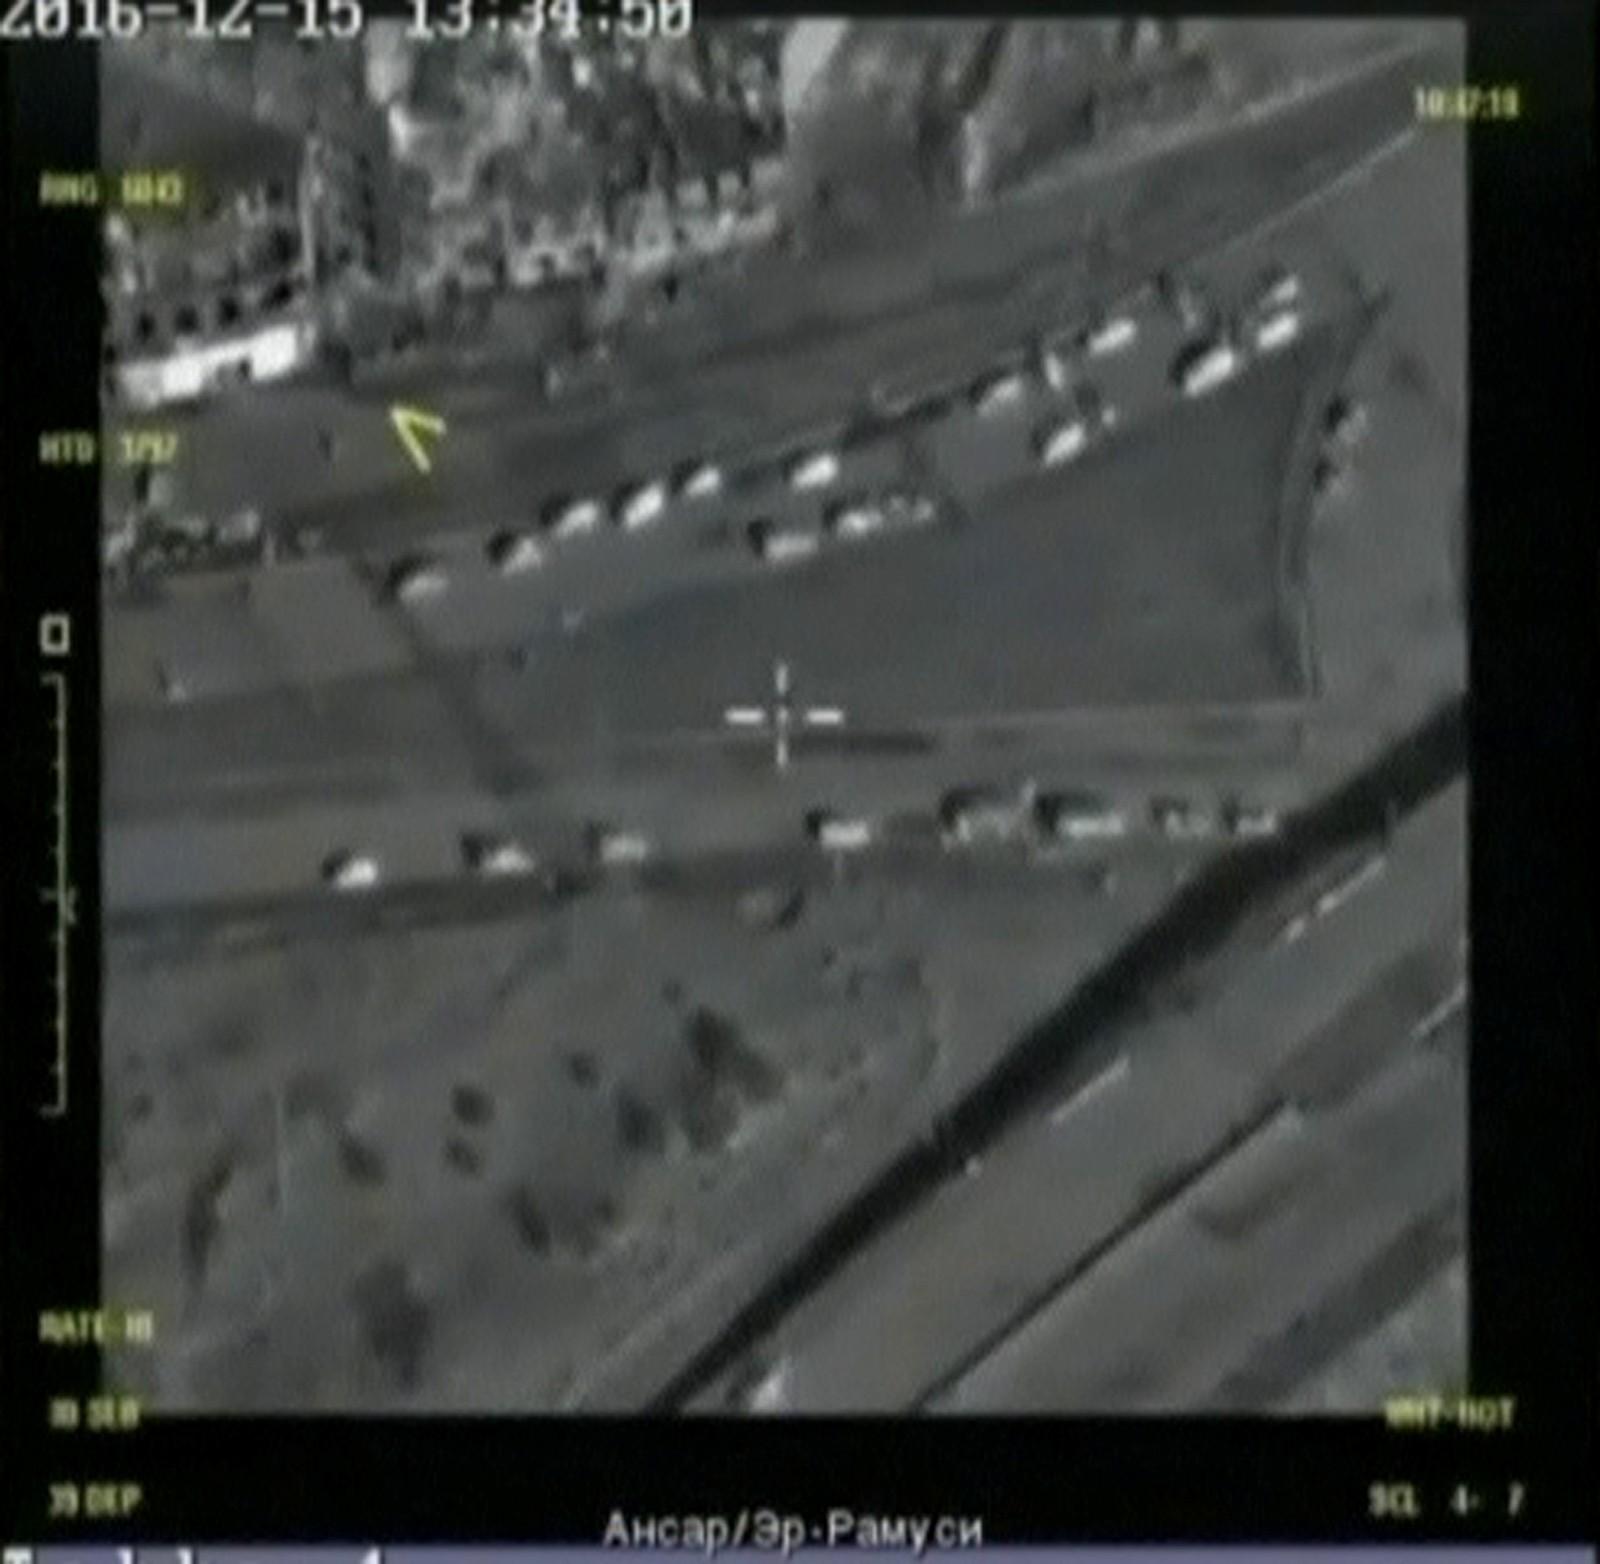 Et bilde sendt ut av det russiske militæret som skal vise at de fulgte med evakueringen i østlige deler av Aleppo med droner.